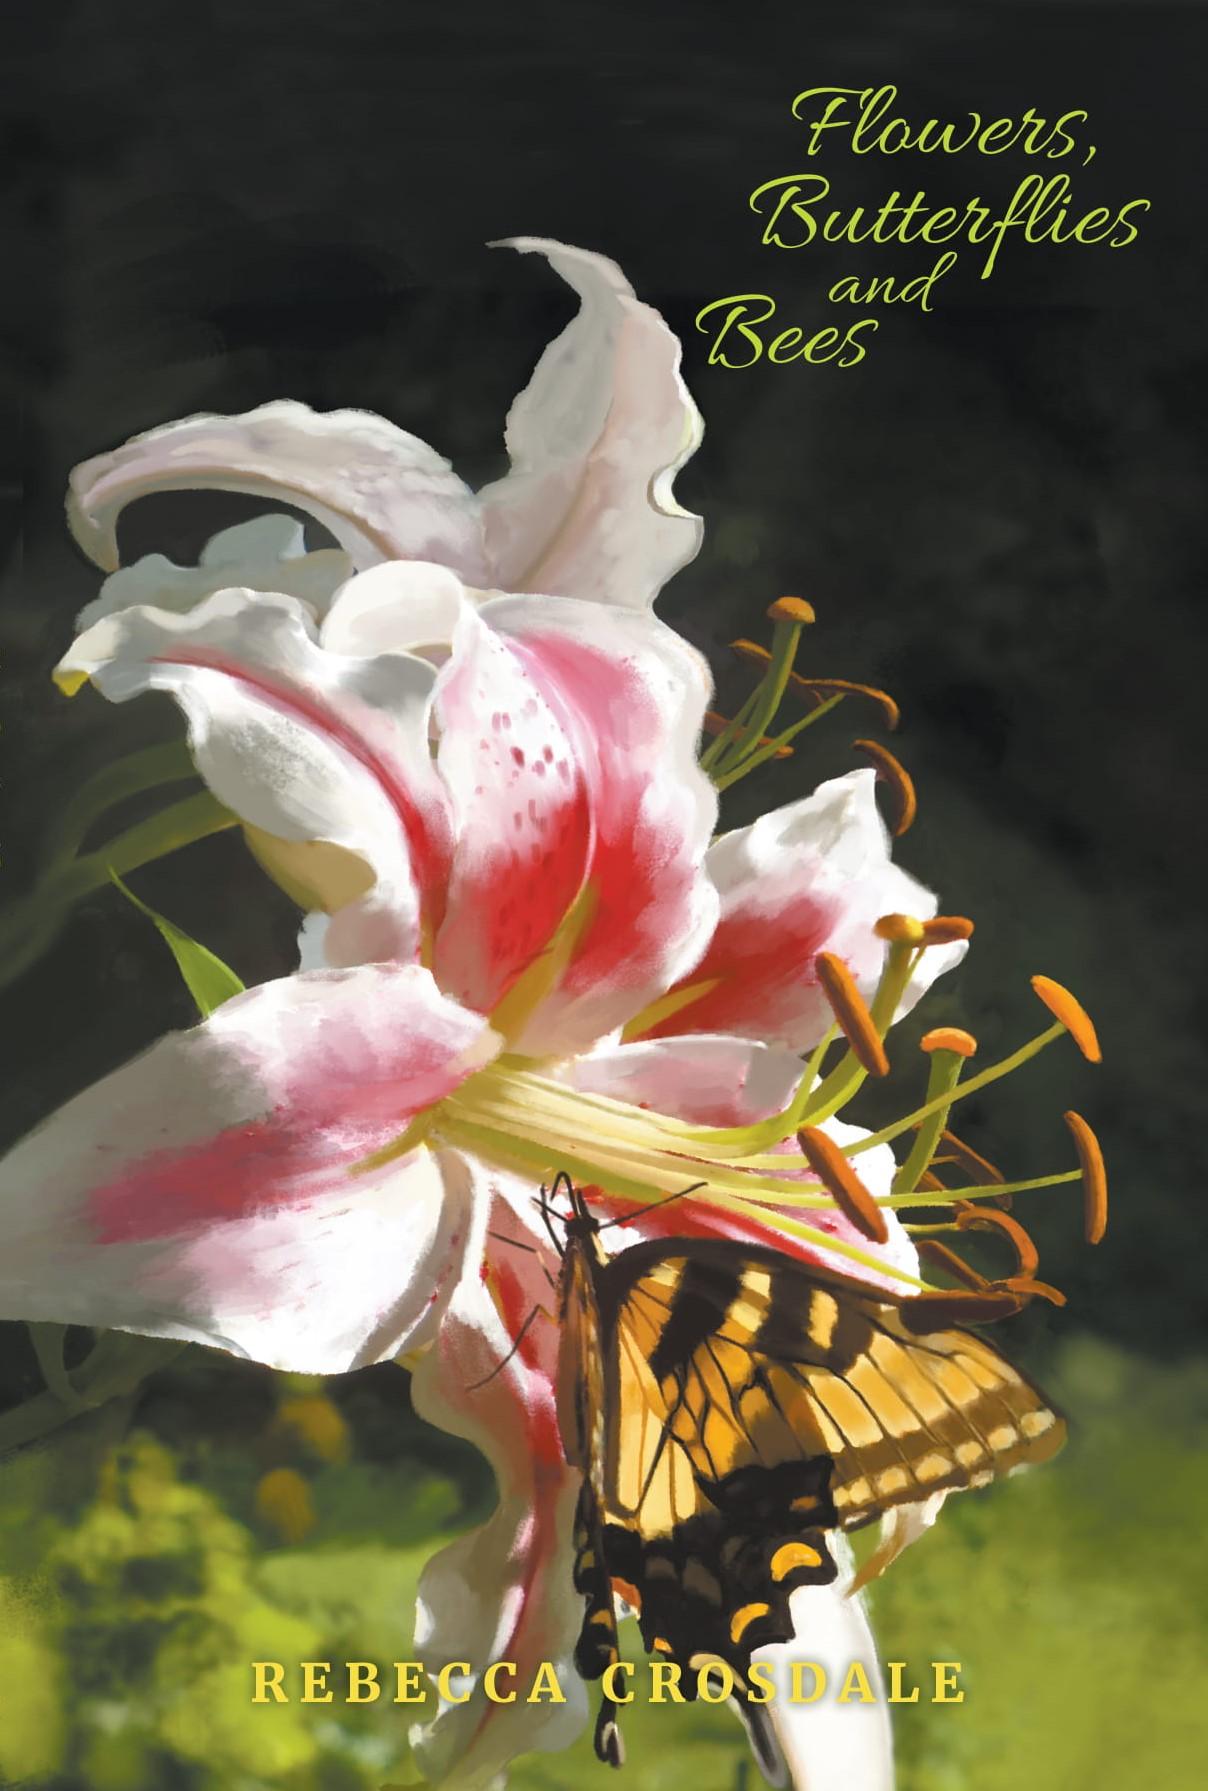 flower butt_front